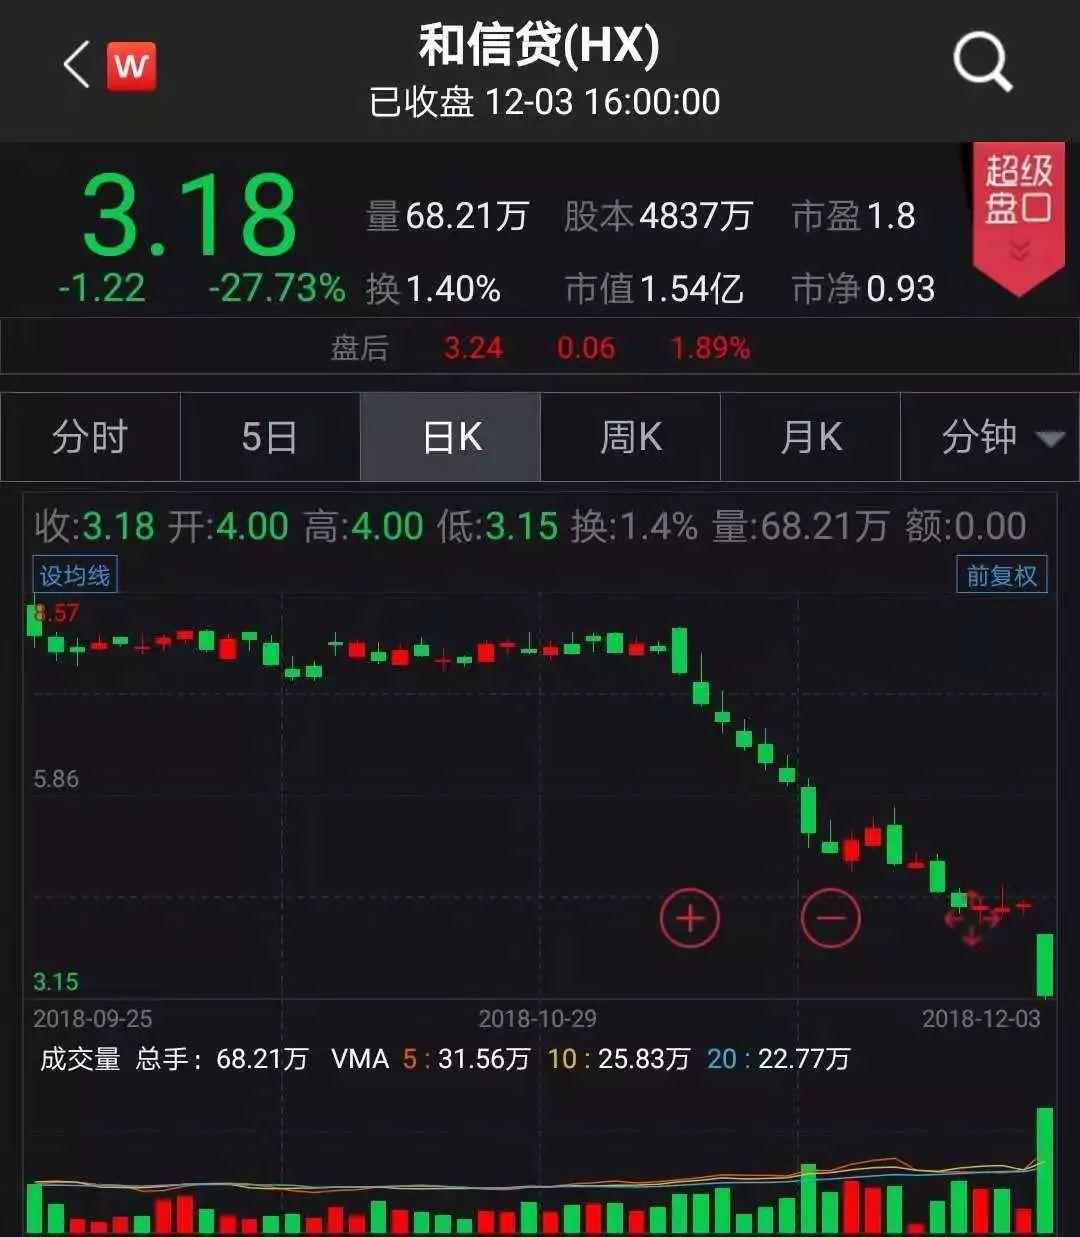 黄金期货价_> 正文   美元走软 金价涨逾1% 纽约商品交易所2月交割的黄金期货价